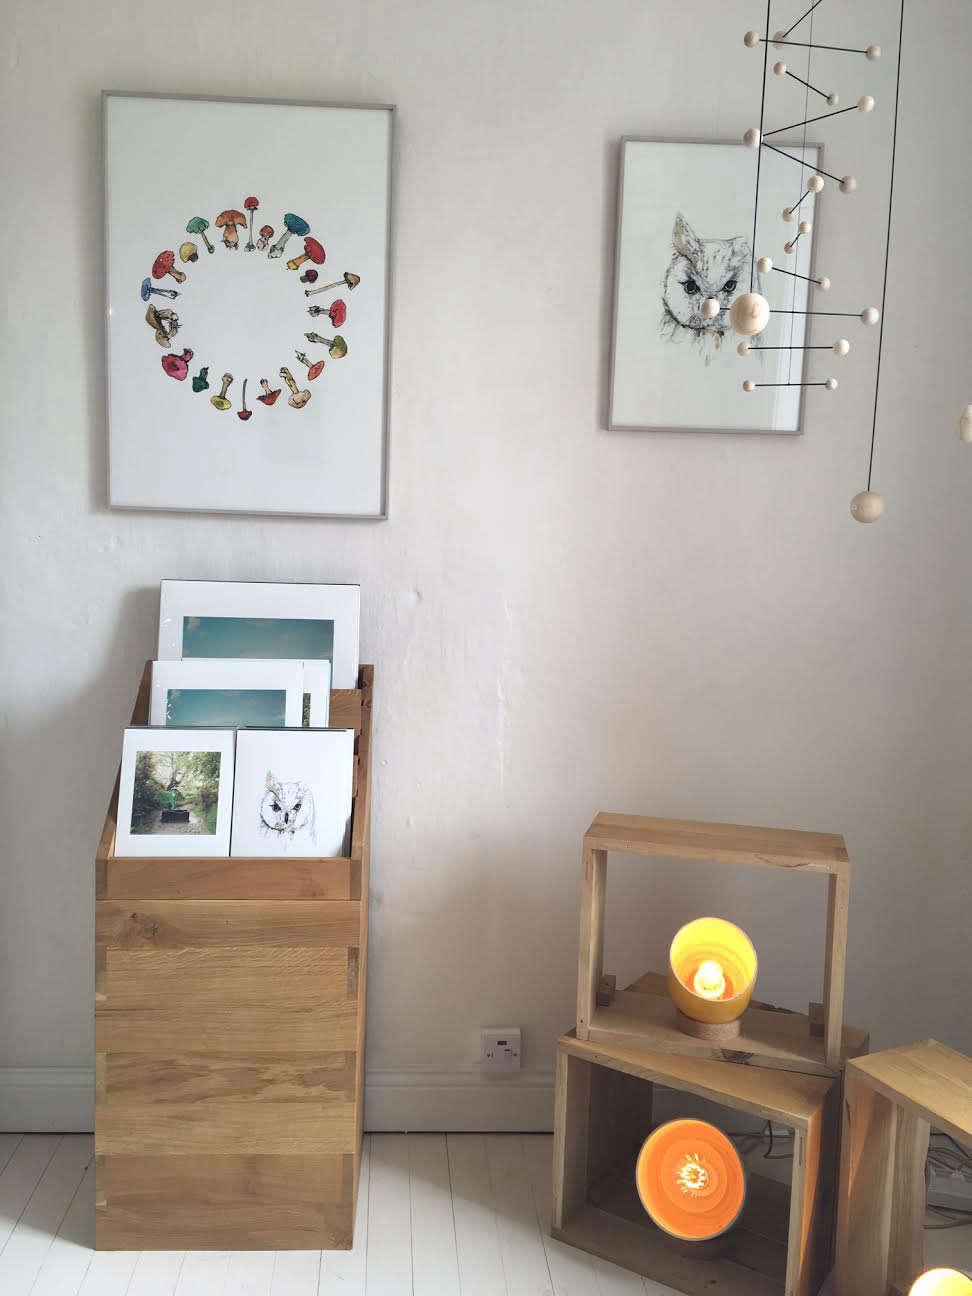 coffeewerk + press gallery view 17